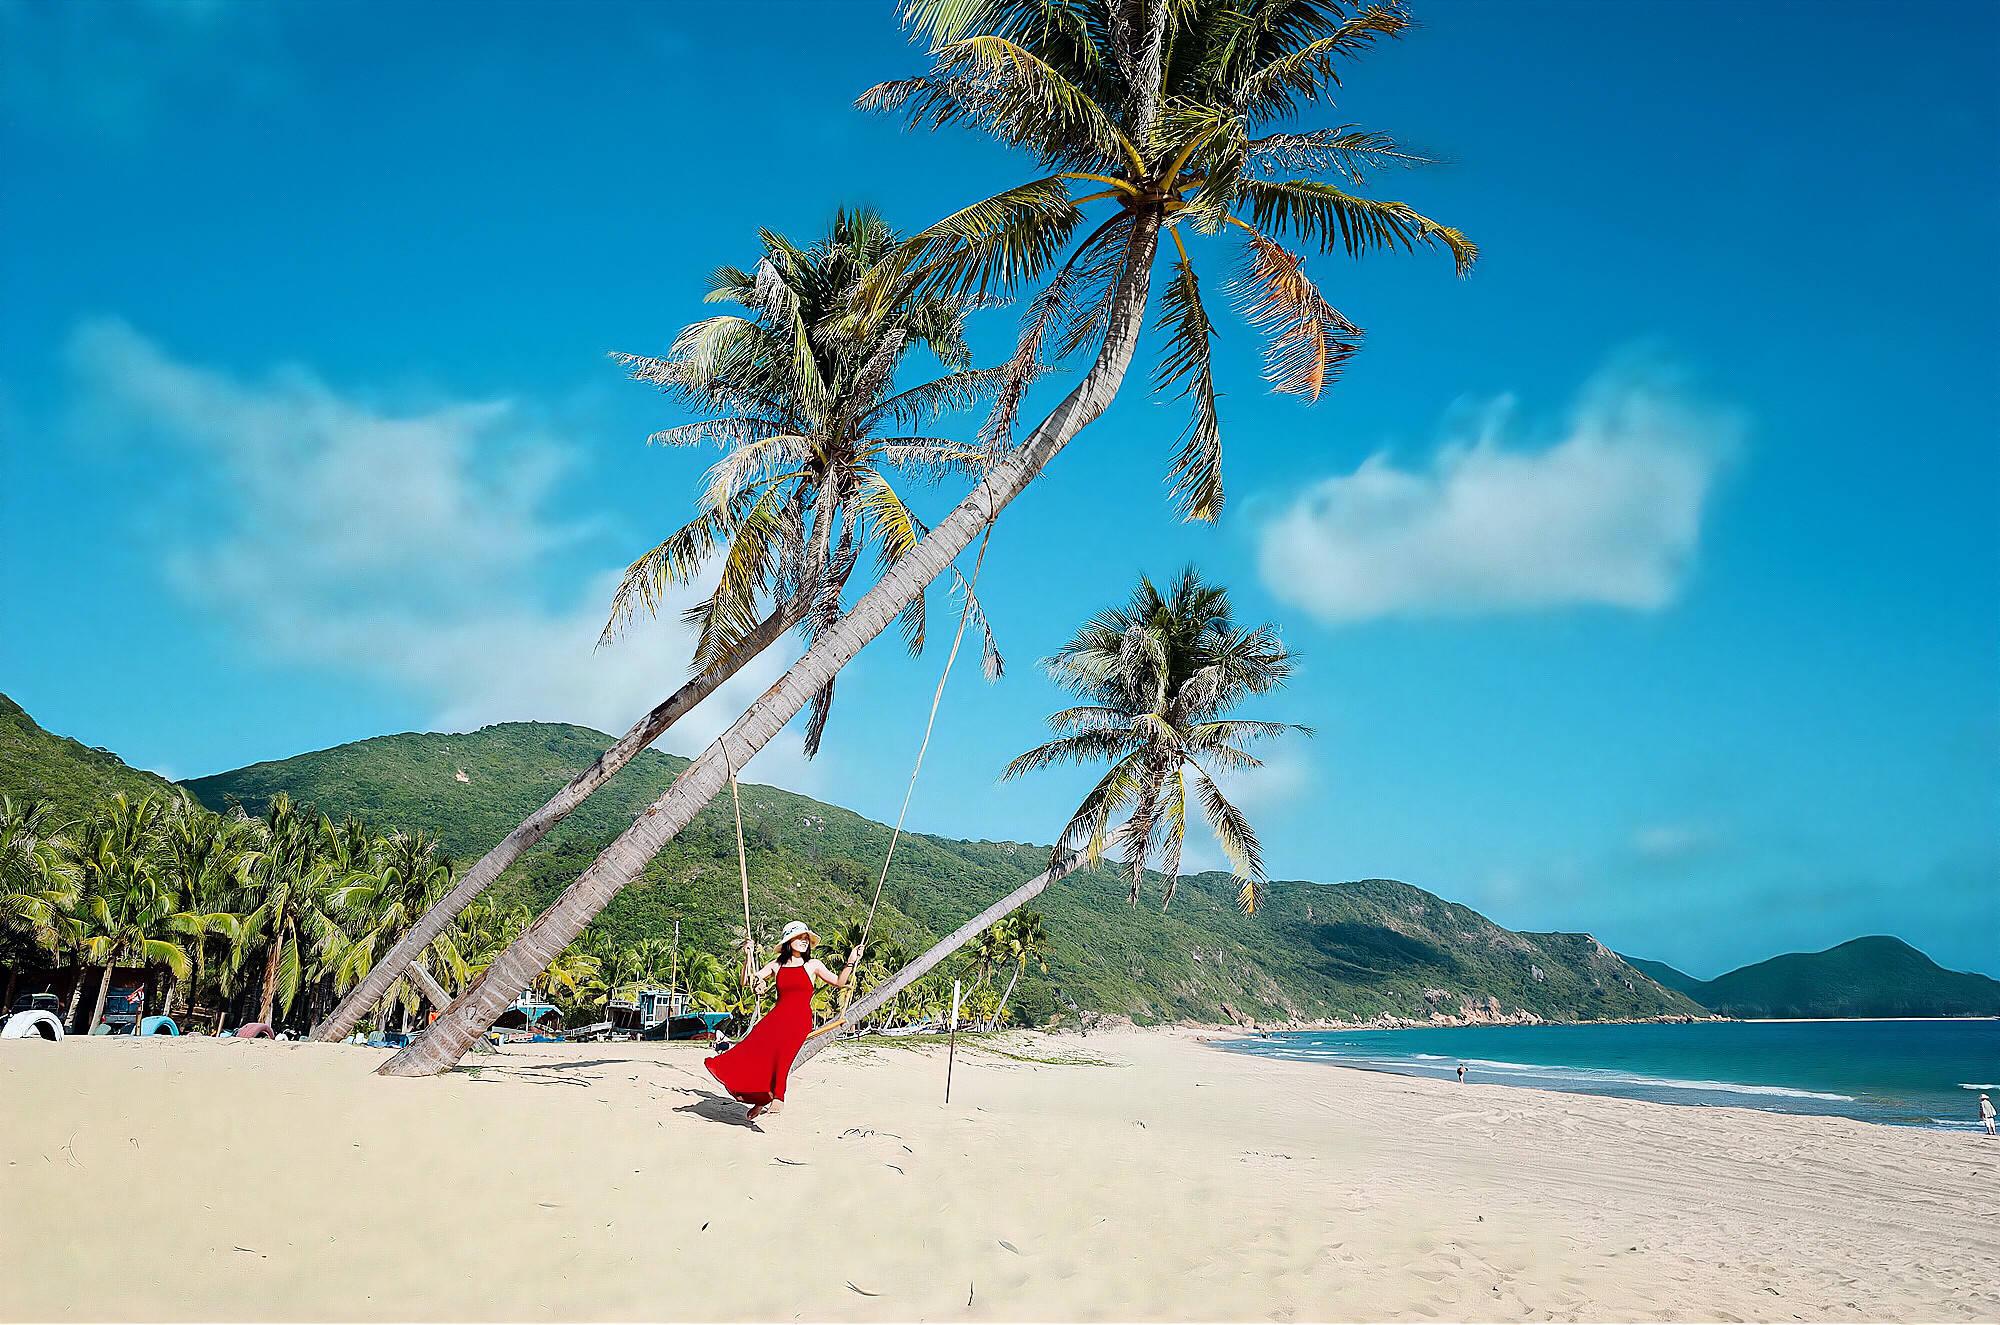 原创             海南藏着一处海岛秘境,距离三亚1小时车程,景色美如世外桃源